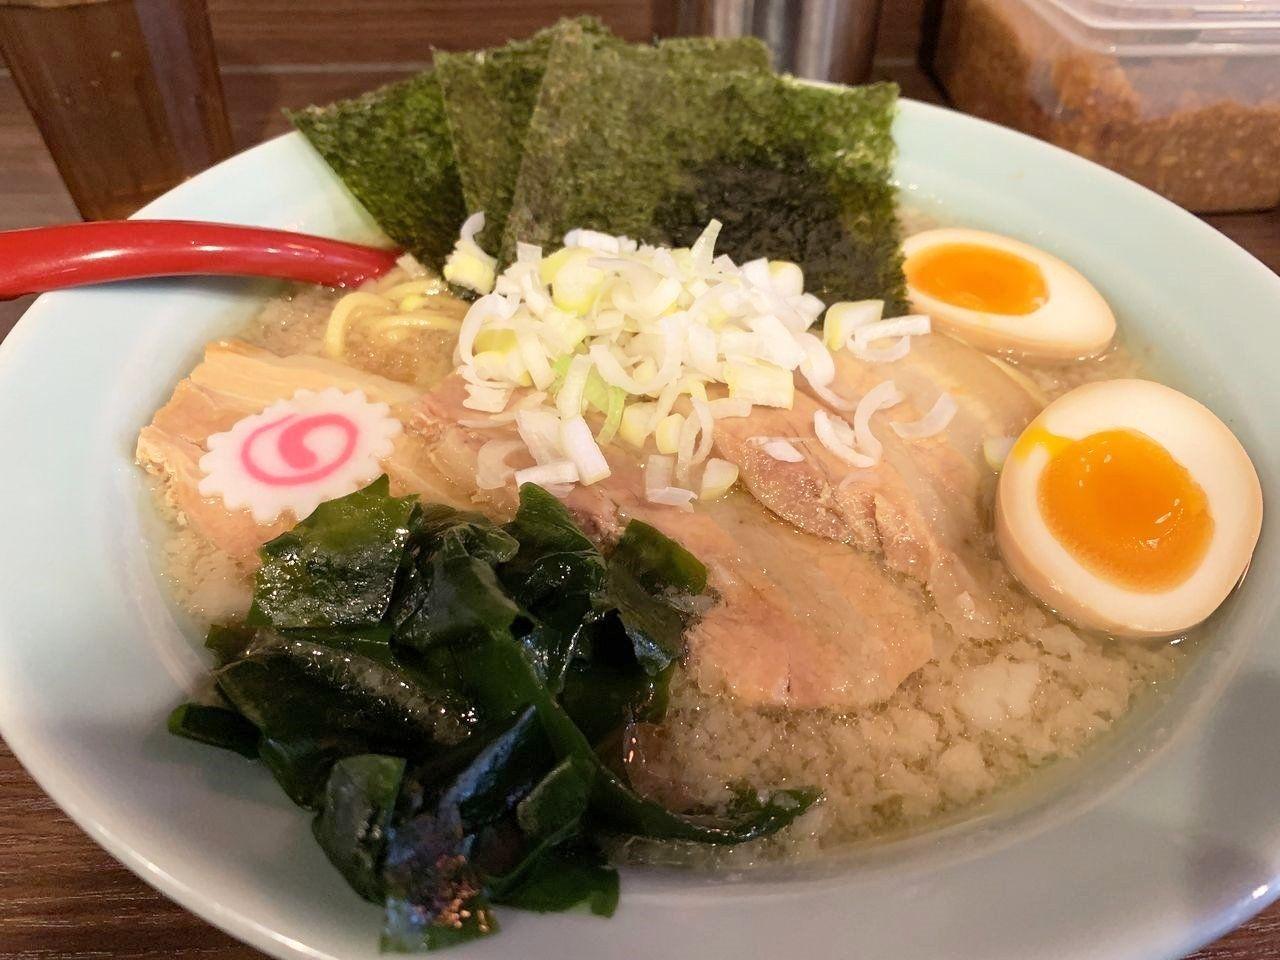 【松戸市食べ歩きブログ】デカ盛りで有名な「山勝角ふじ新松戸本店」へ行ってきた!